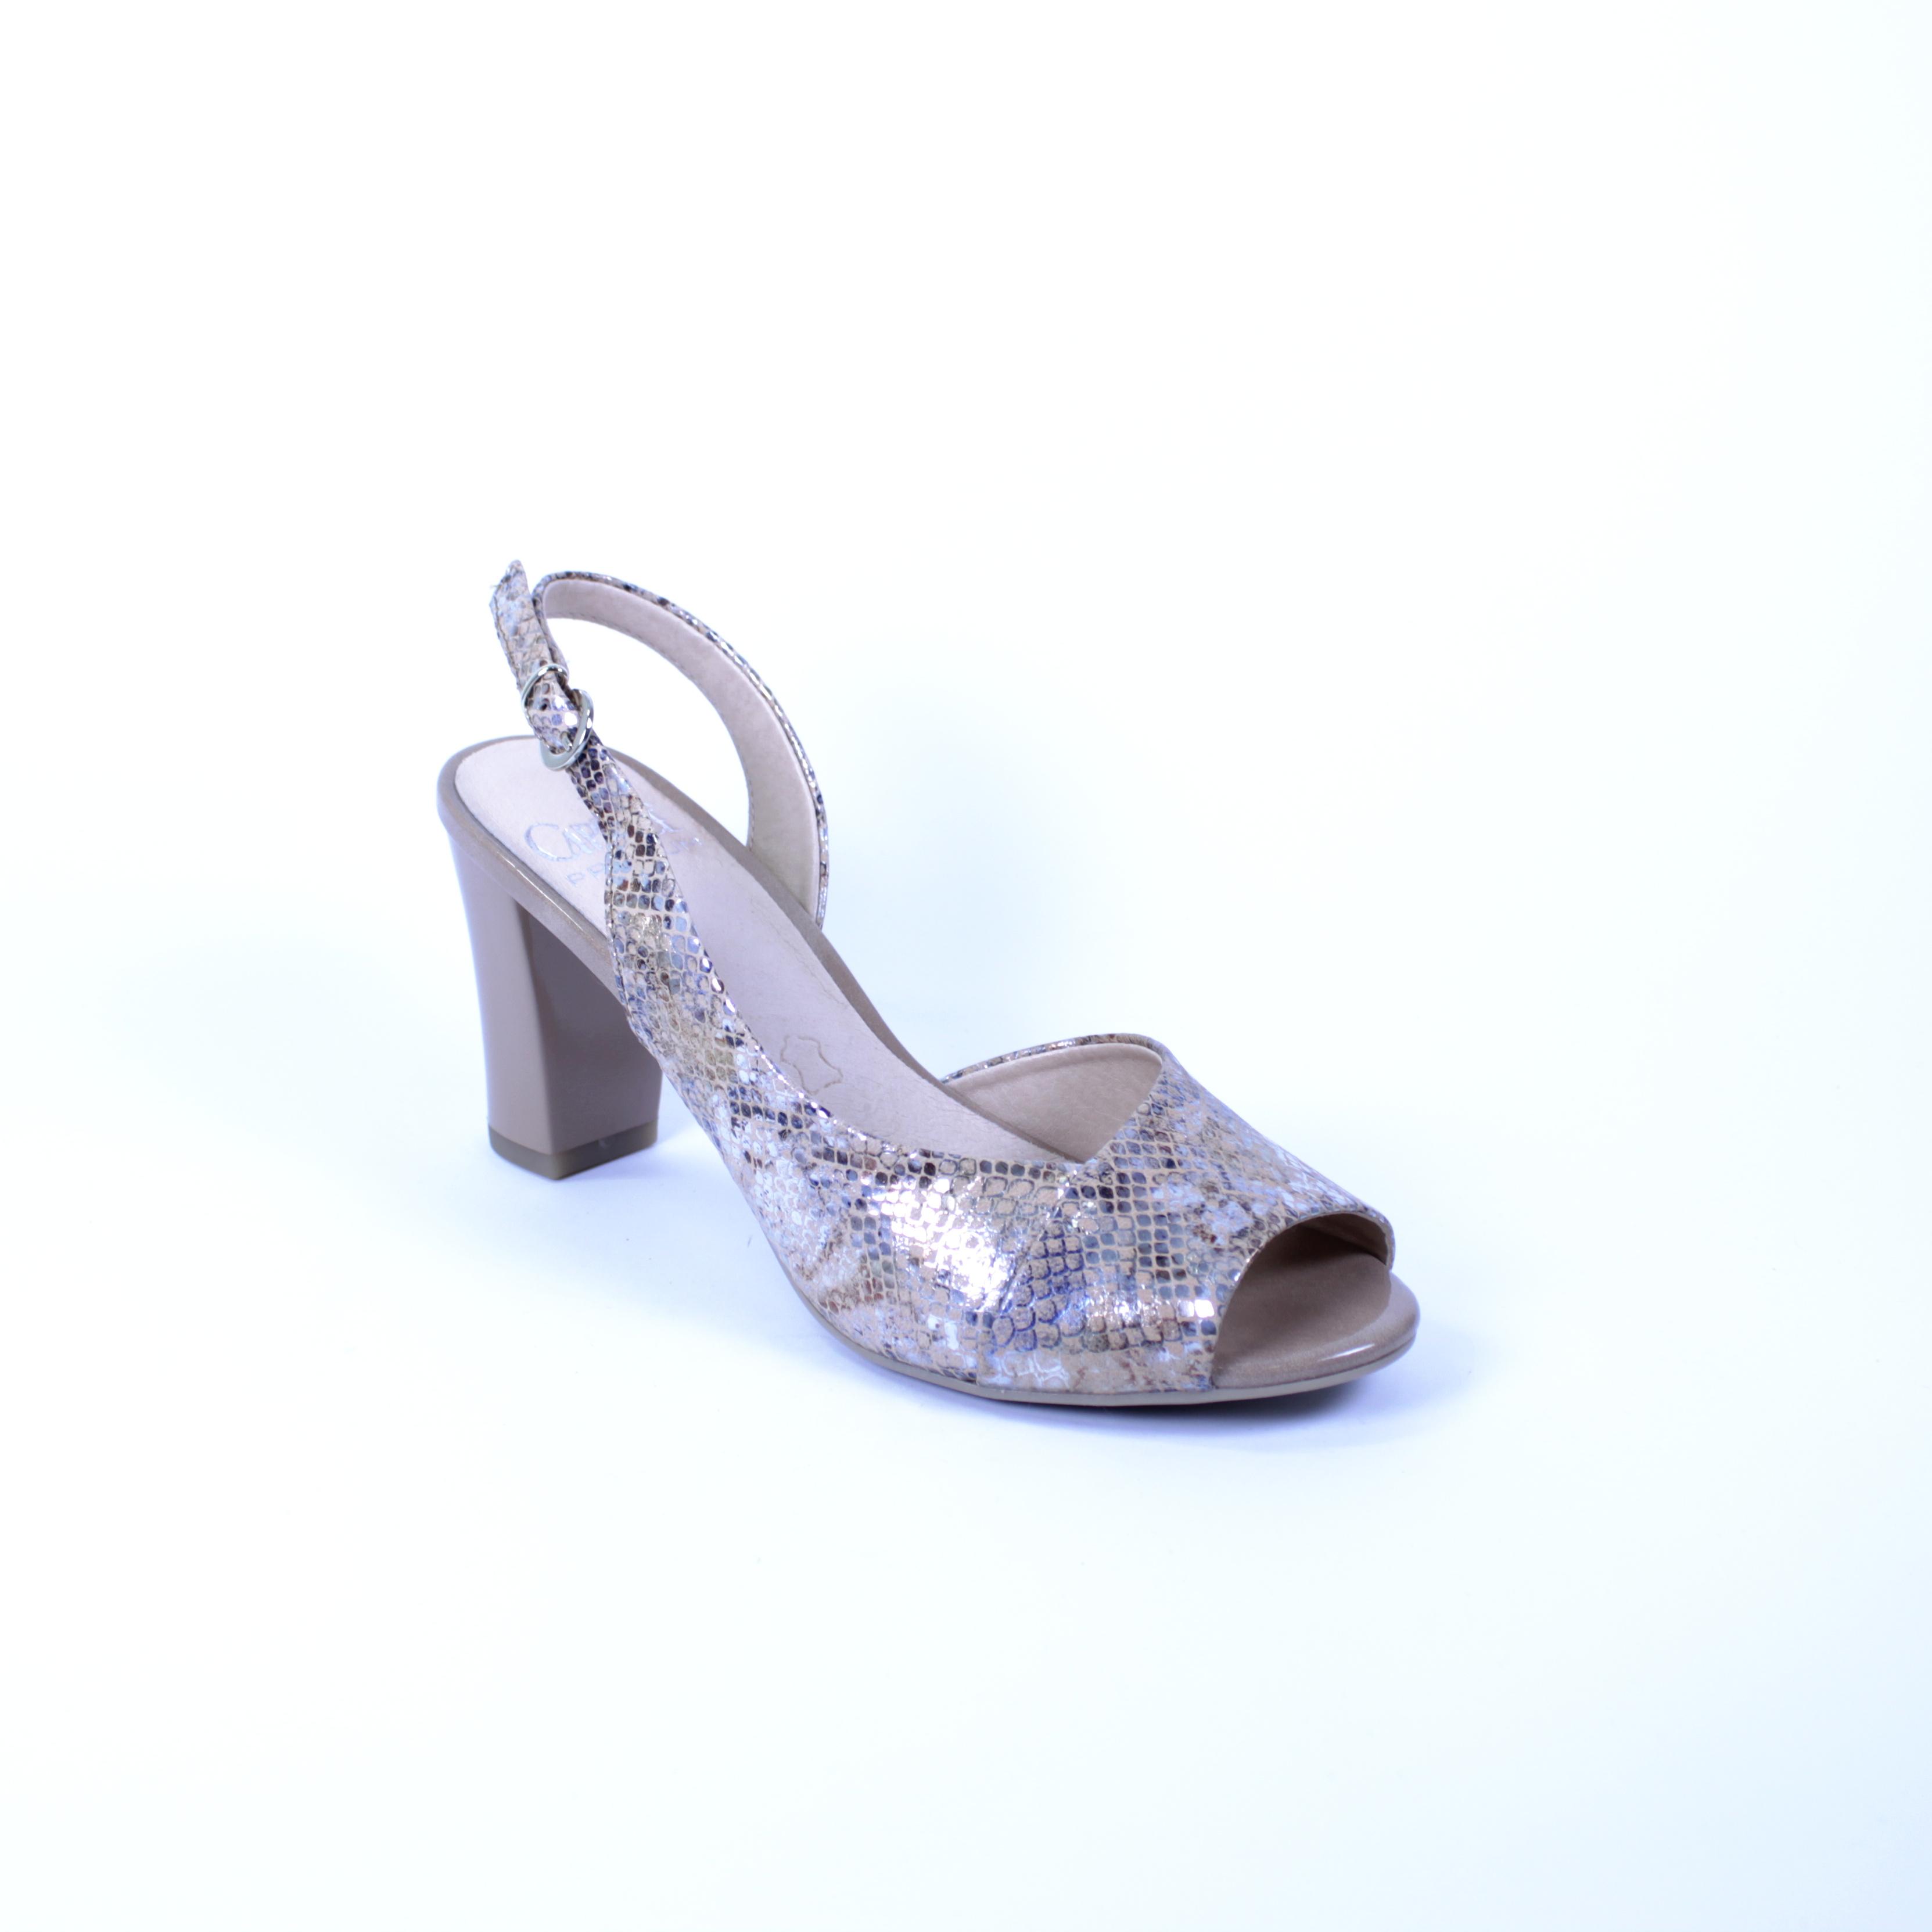 b41d64a7c4 Dámske sandále CAPRICE 9-28304-28 339 NATURE REPT.MULTI – Topánky ...